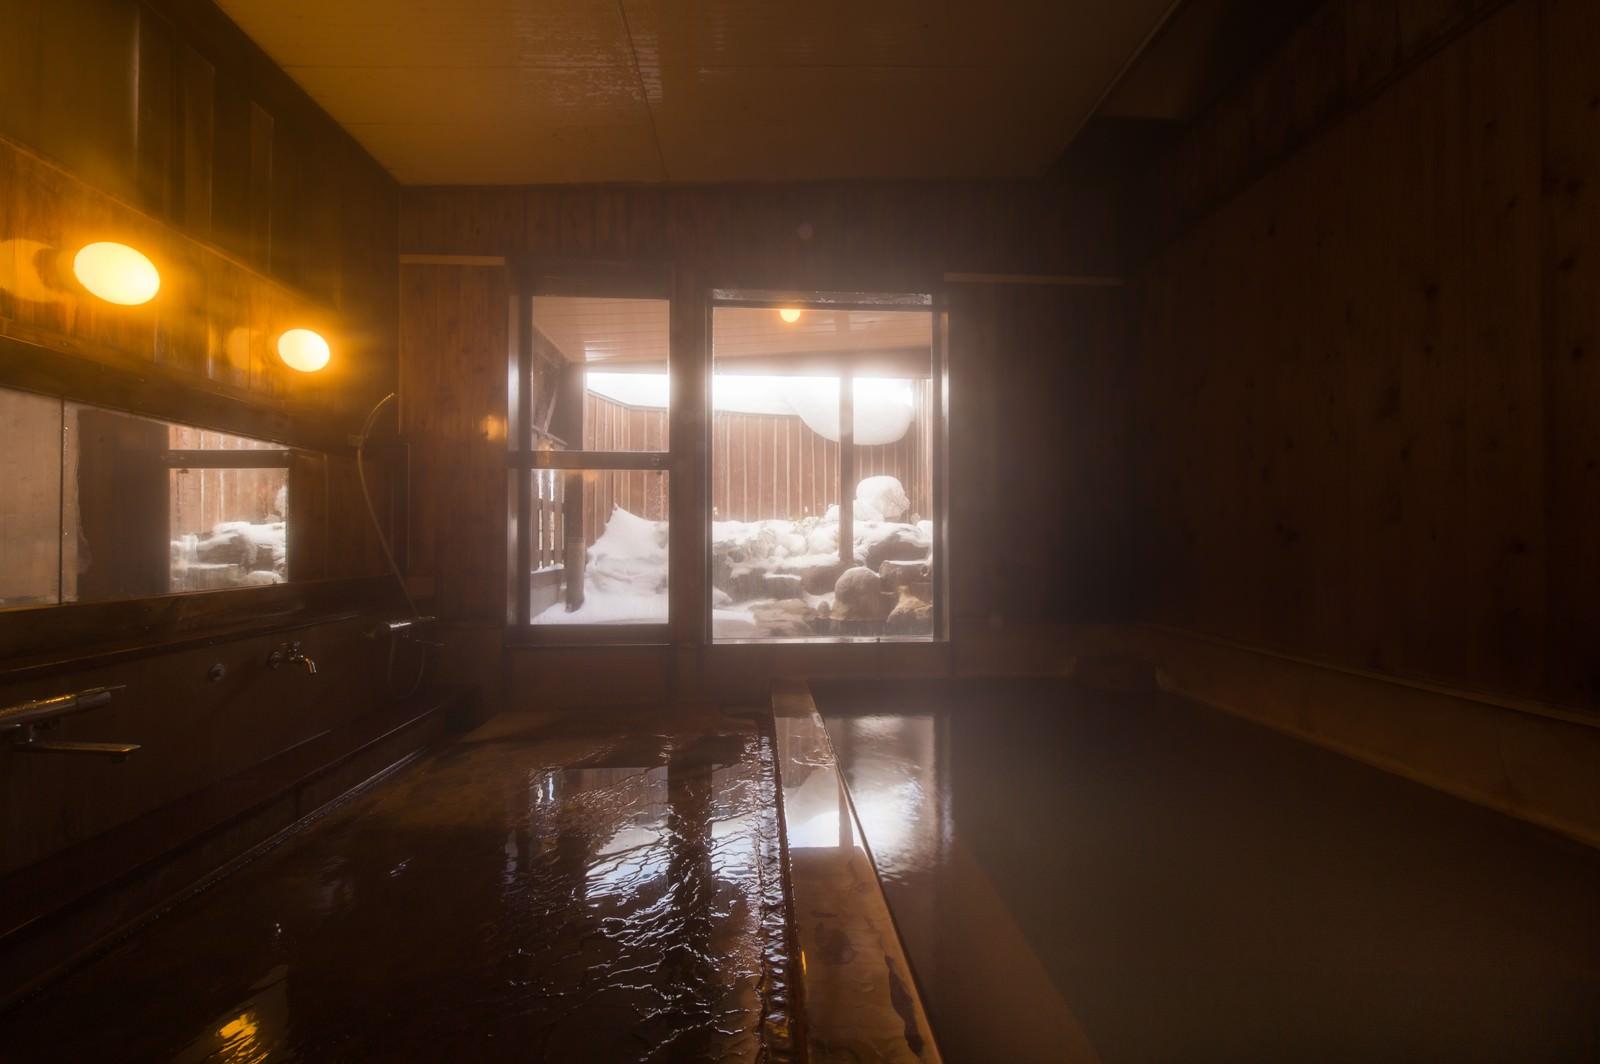 「秘湯感の雰囲気がある冬の栄太郎の内湯」の写真